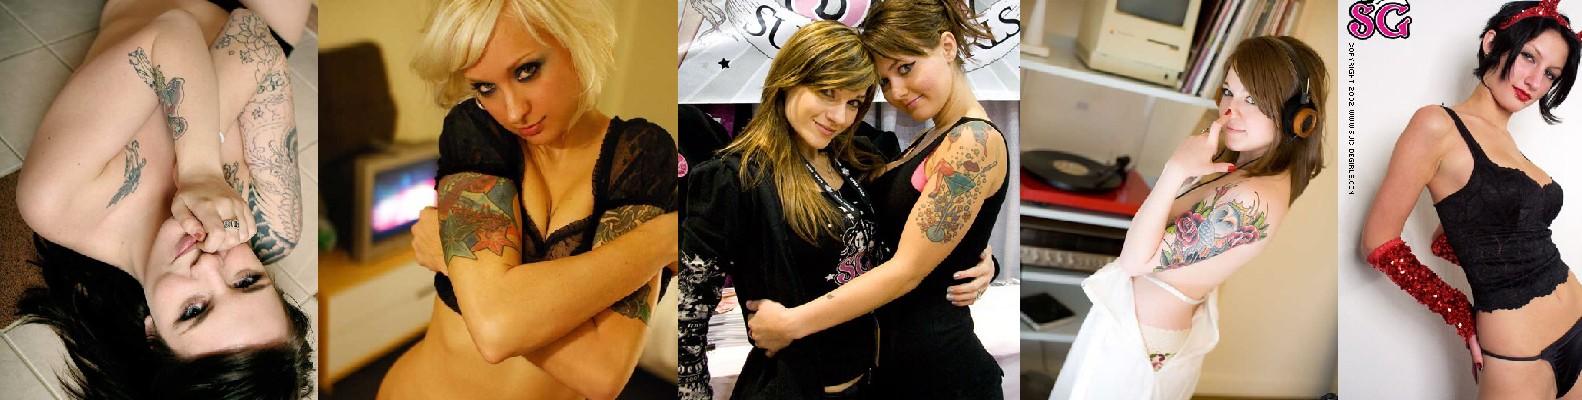 Gambar Tatto Keren di Bagian Tubuh Cewek - 21